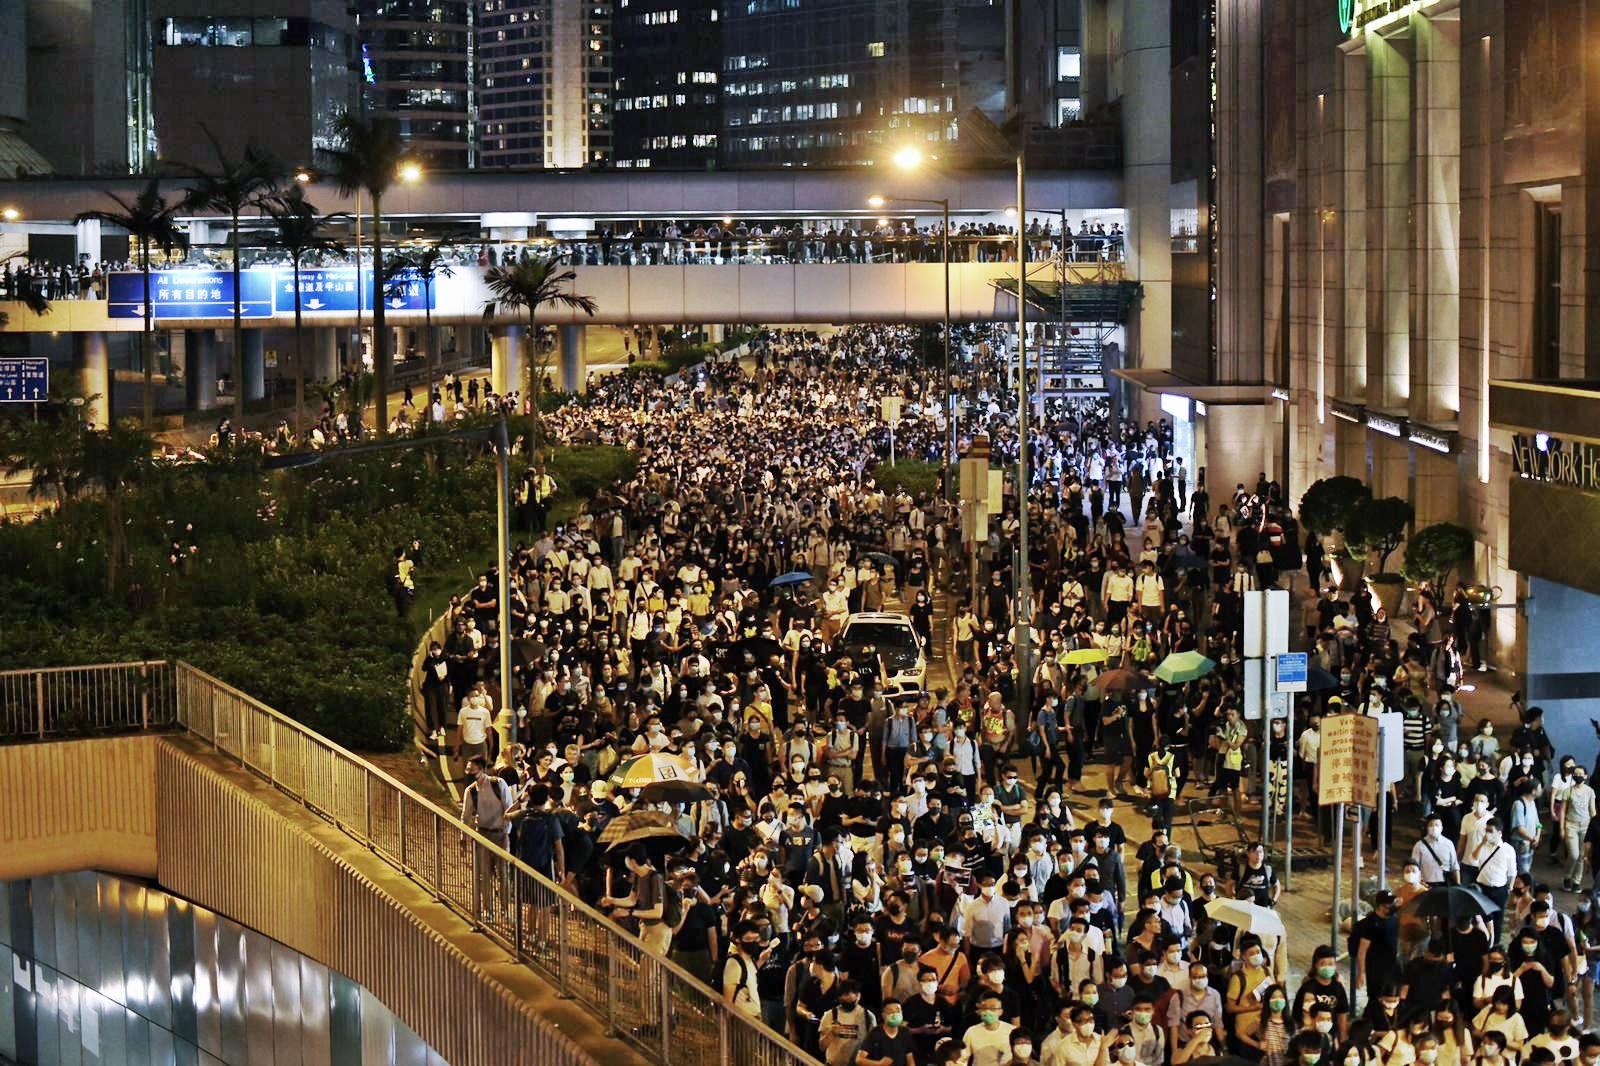 晚上中環愈來愈多人聚集。